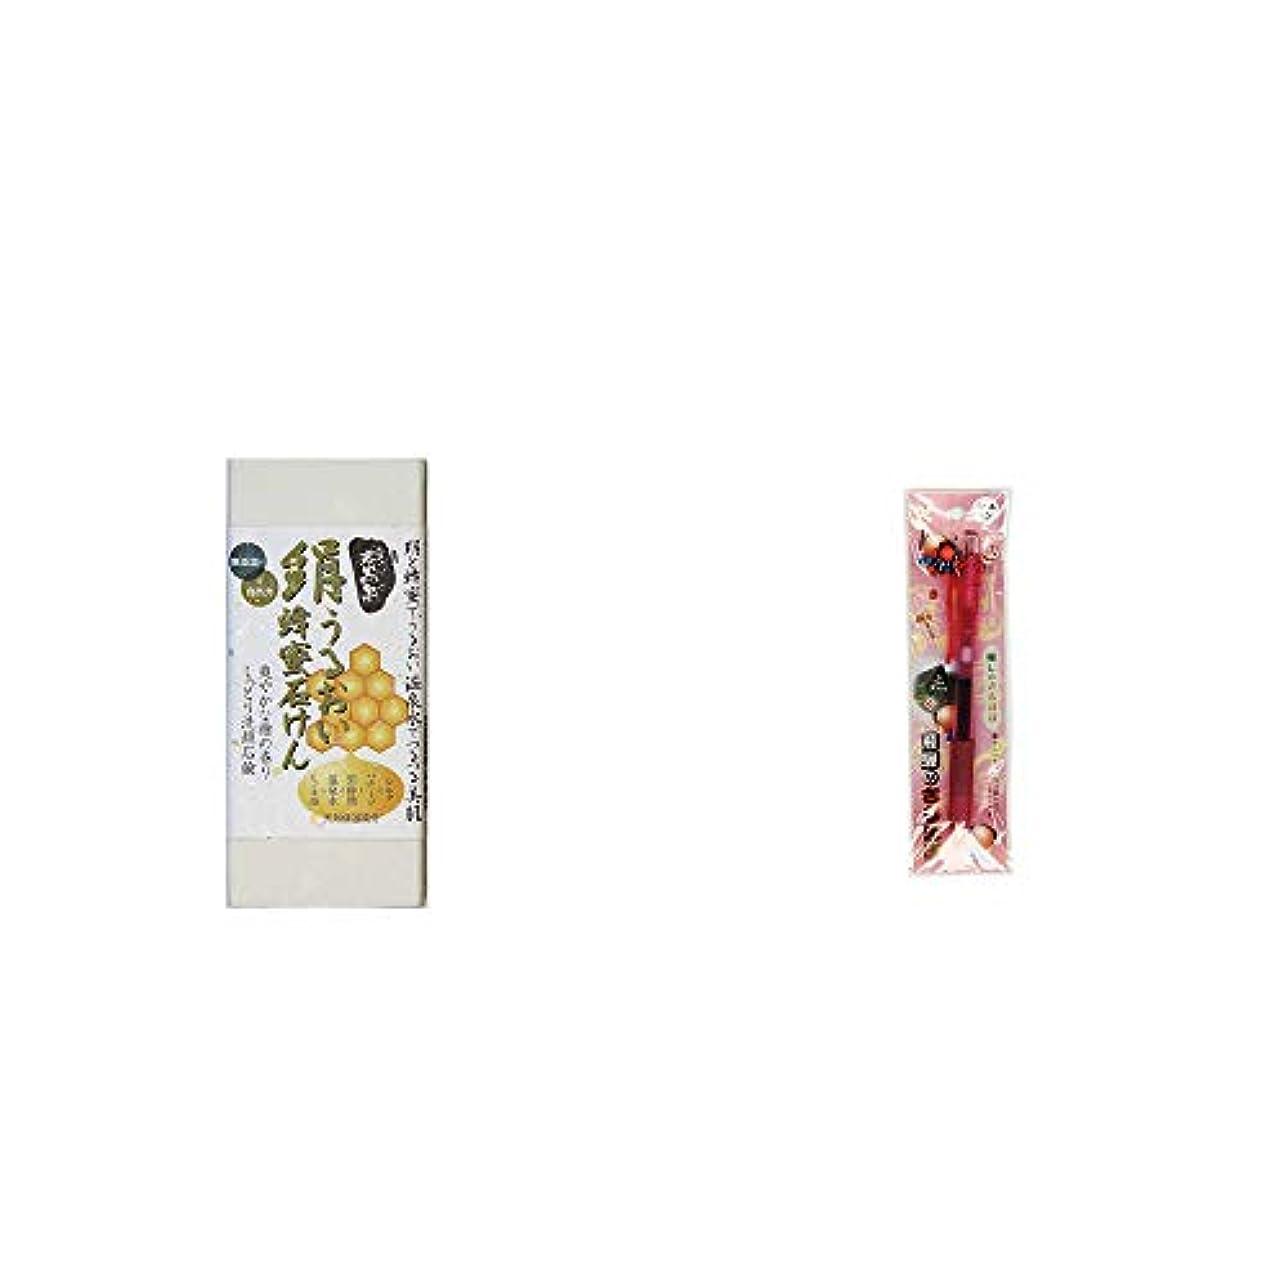 実り多い周囲ジャム[2点セット] ひのき炭黒泉 絹うるおい蜂蜜石けん(75g×2)?さるぼぼ 癒しボールペン 【ピンク】